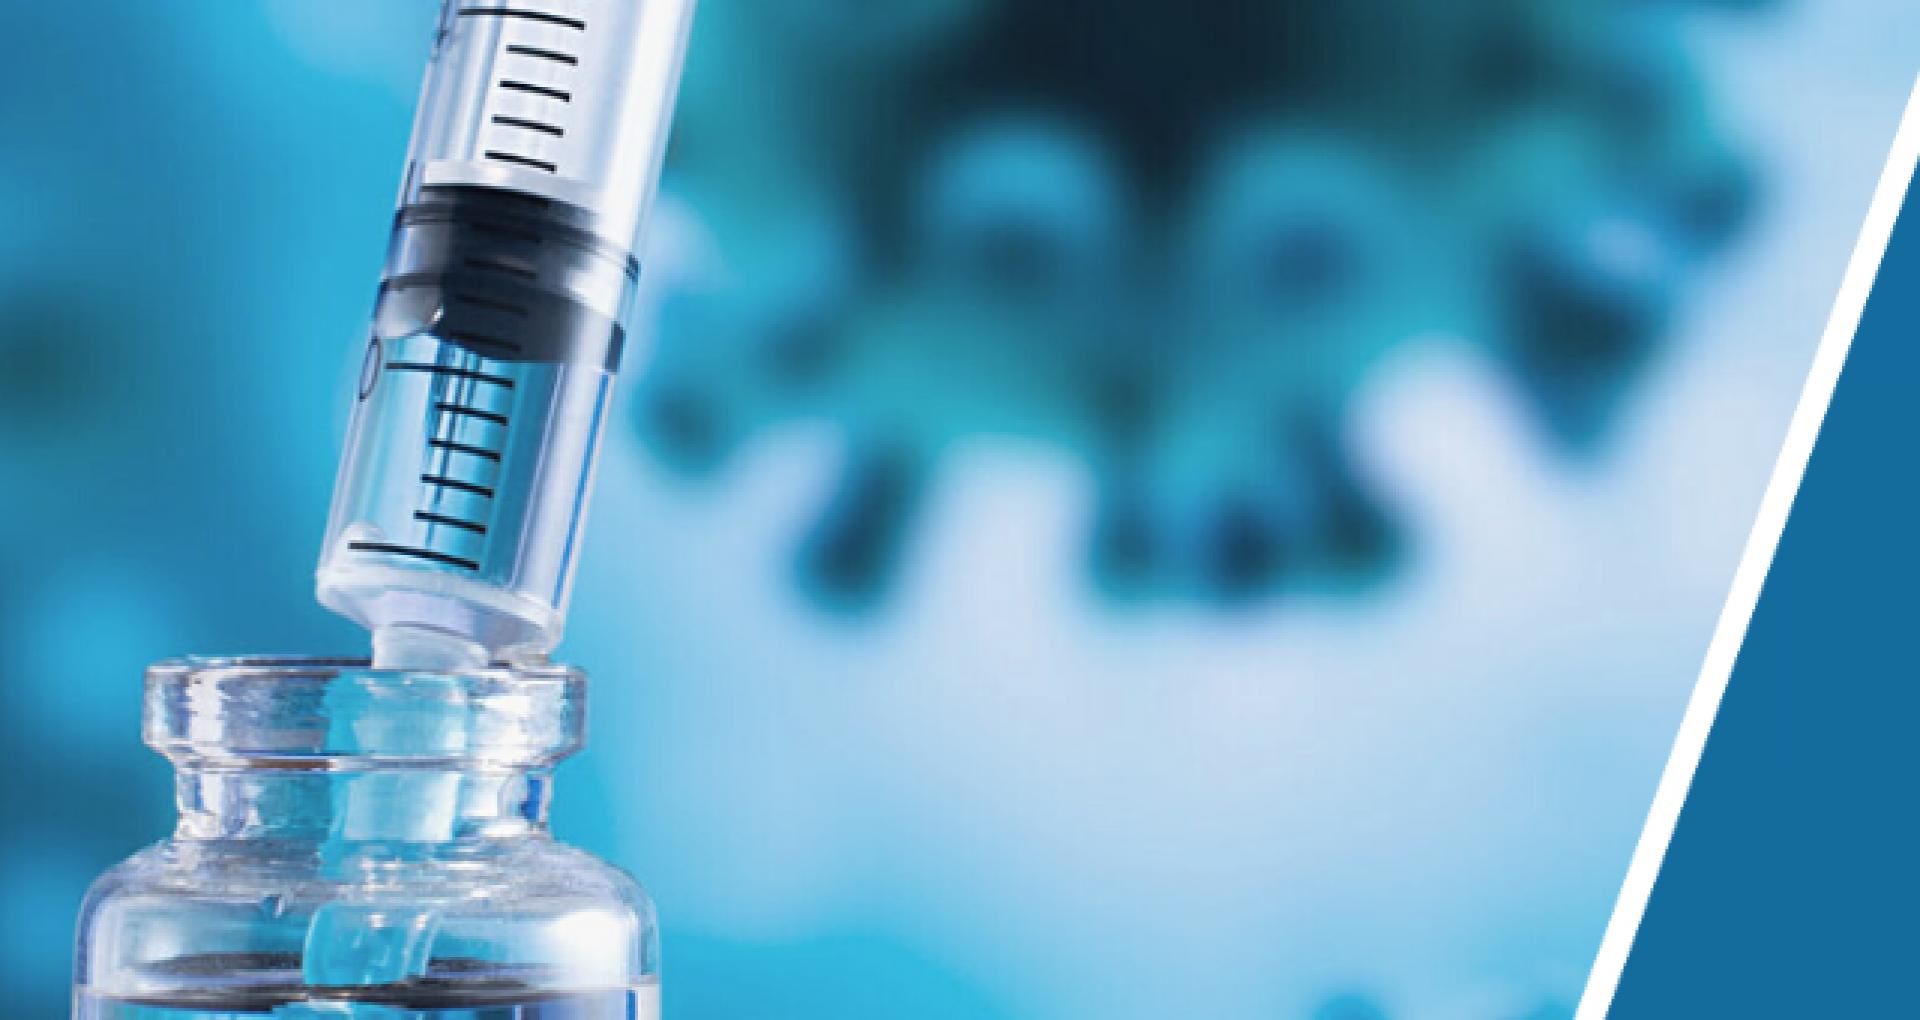 Sondaj MSMPS: 41% dintre respondenți ar accepta să se vaccineze împotriva COVID-19